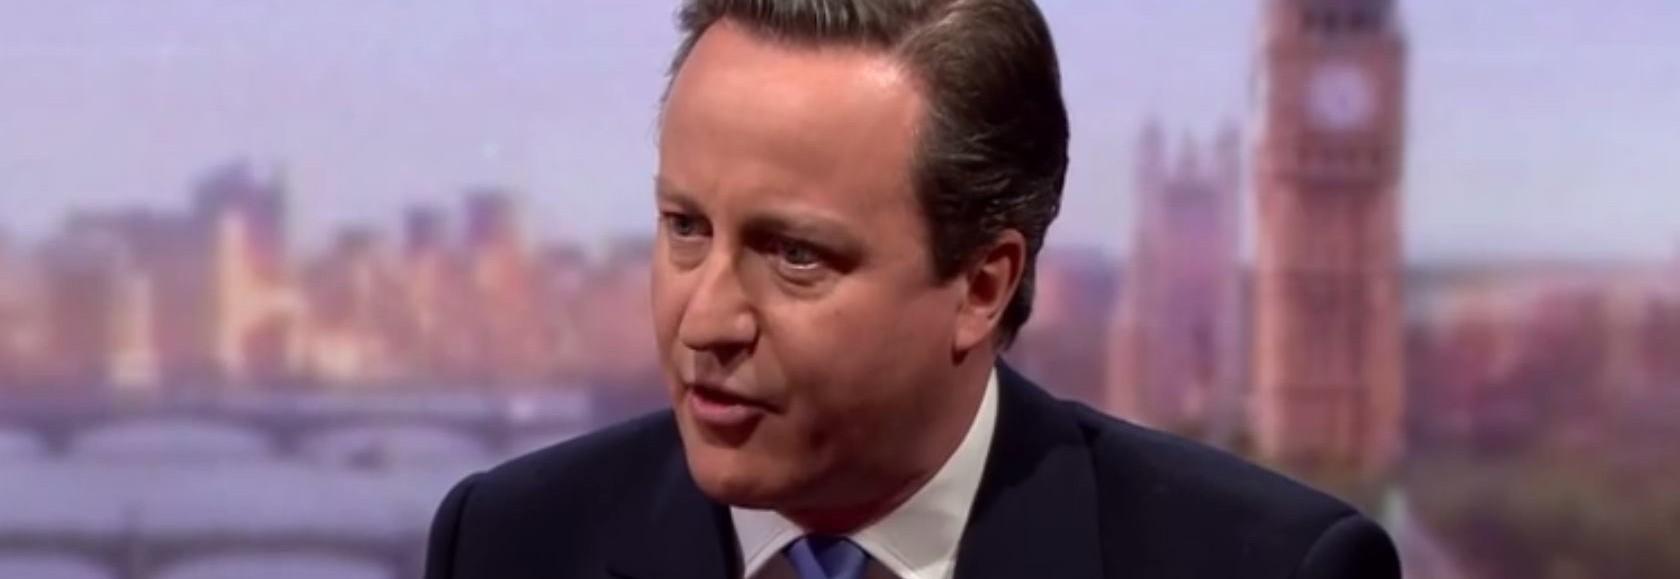 VIDEO: David Cameron u posjetu poplavljenim područjima